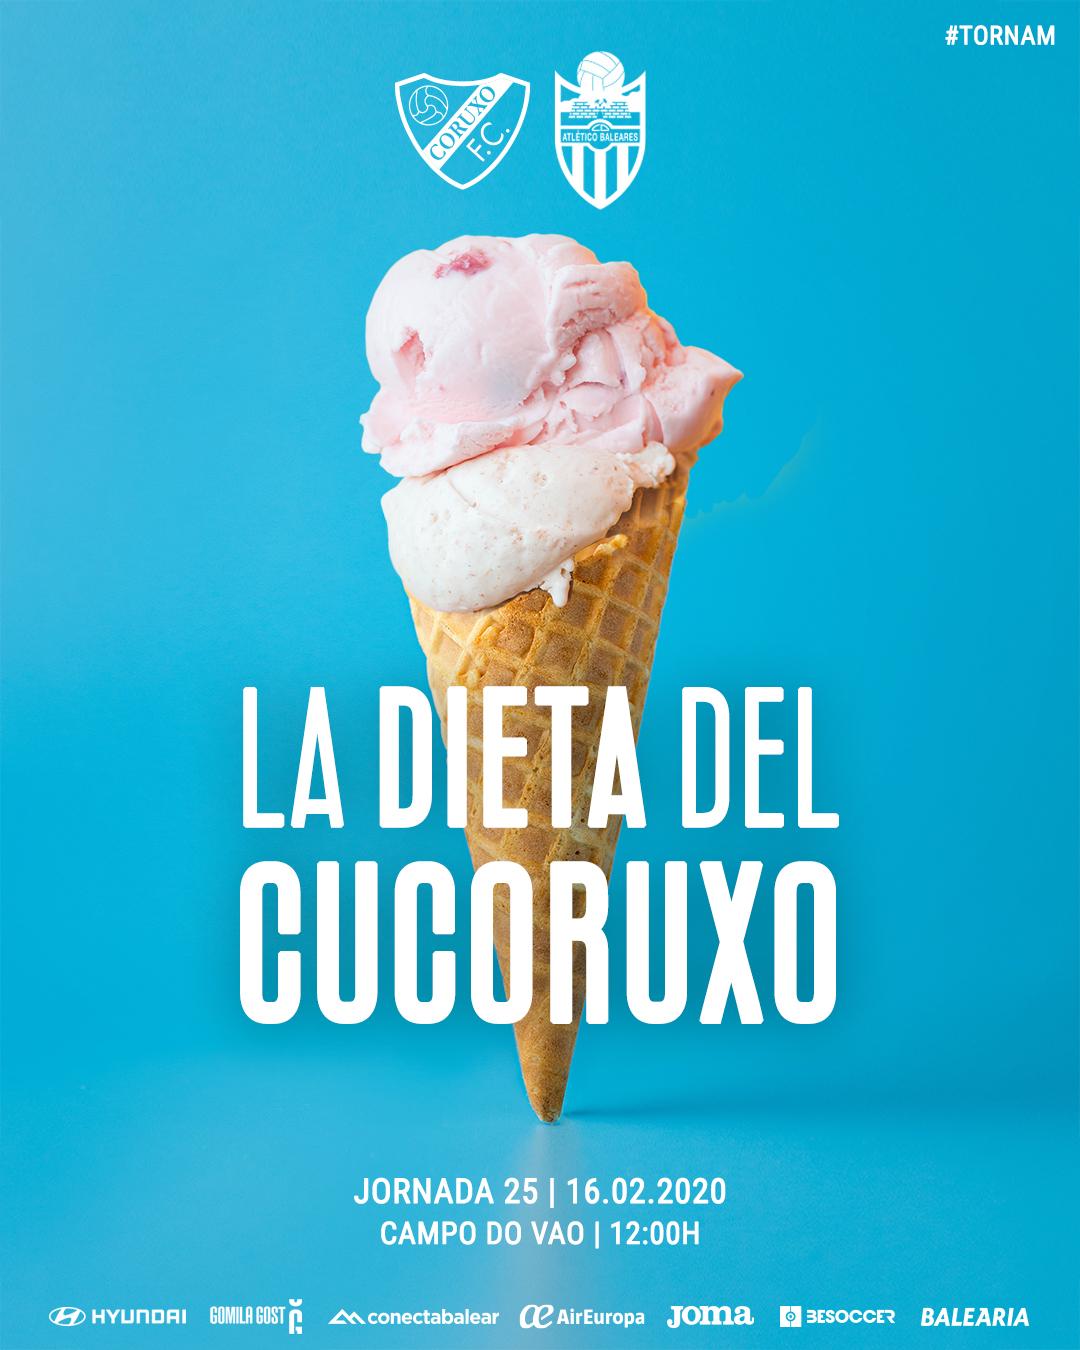 Jornada 25 - Coruxo FC